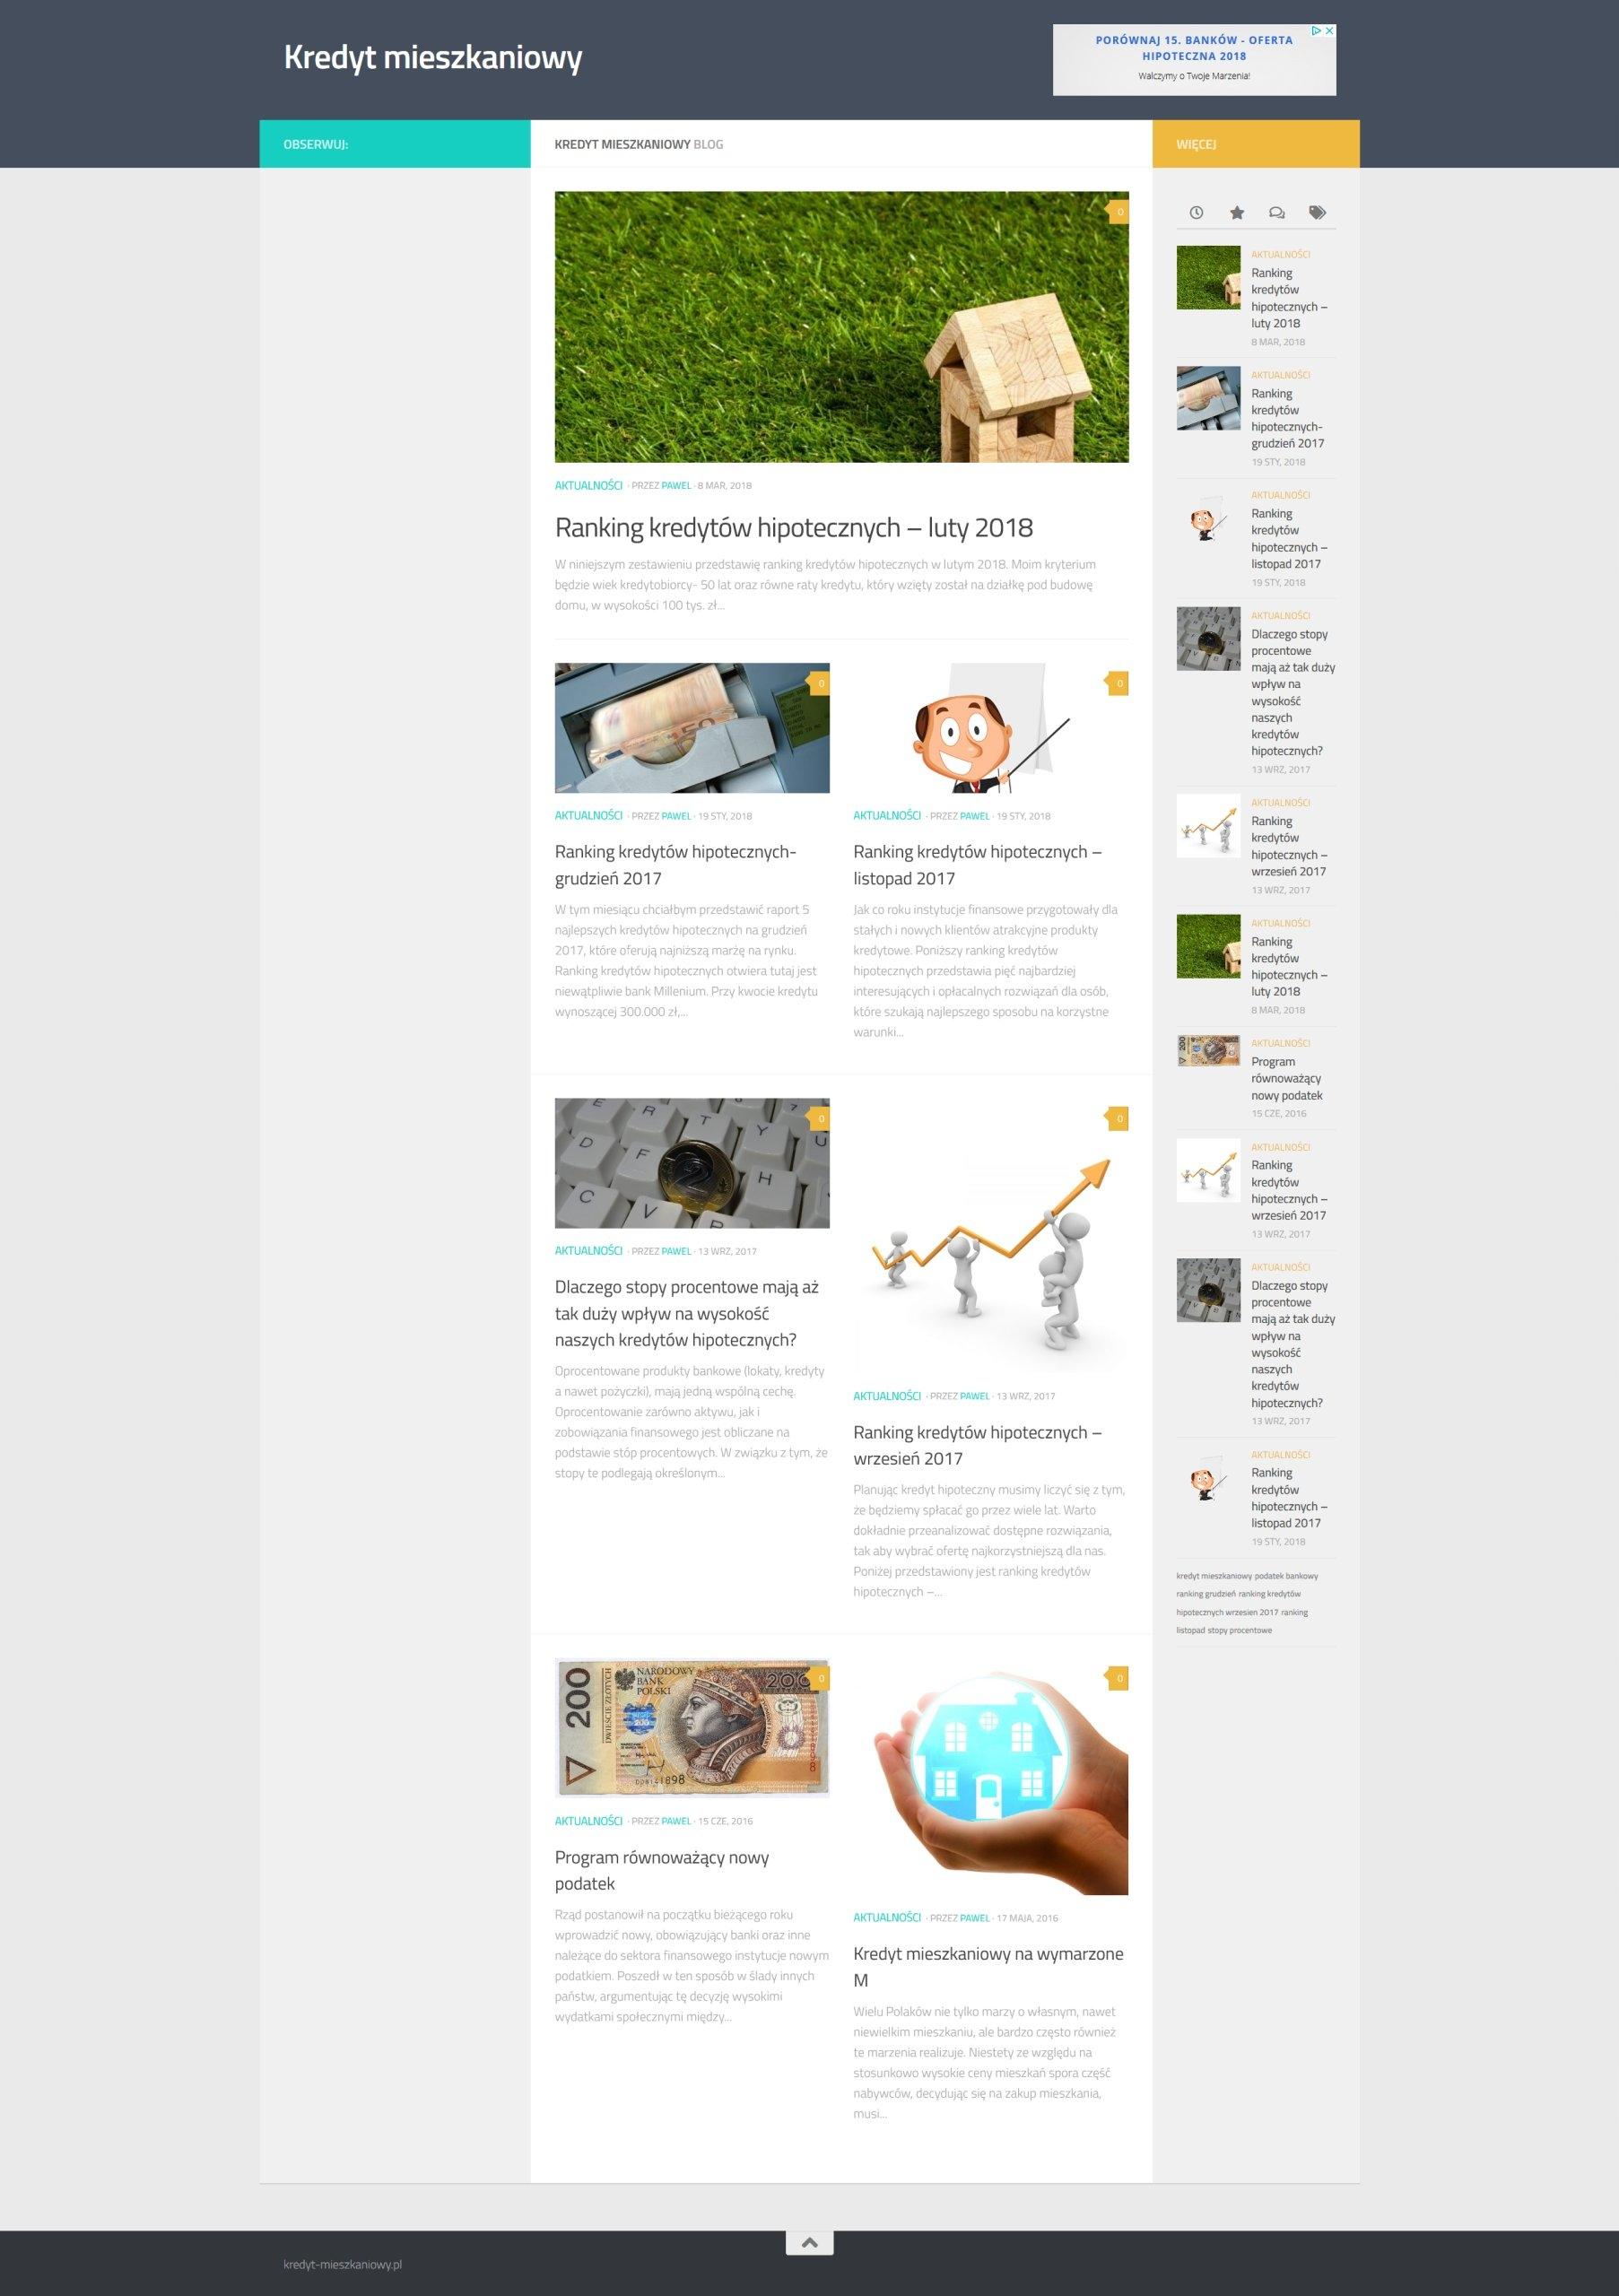 kredyt-mieszkaniowy.pl inne portale finansowe